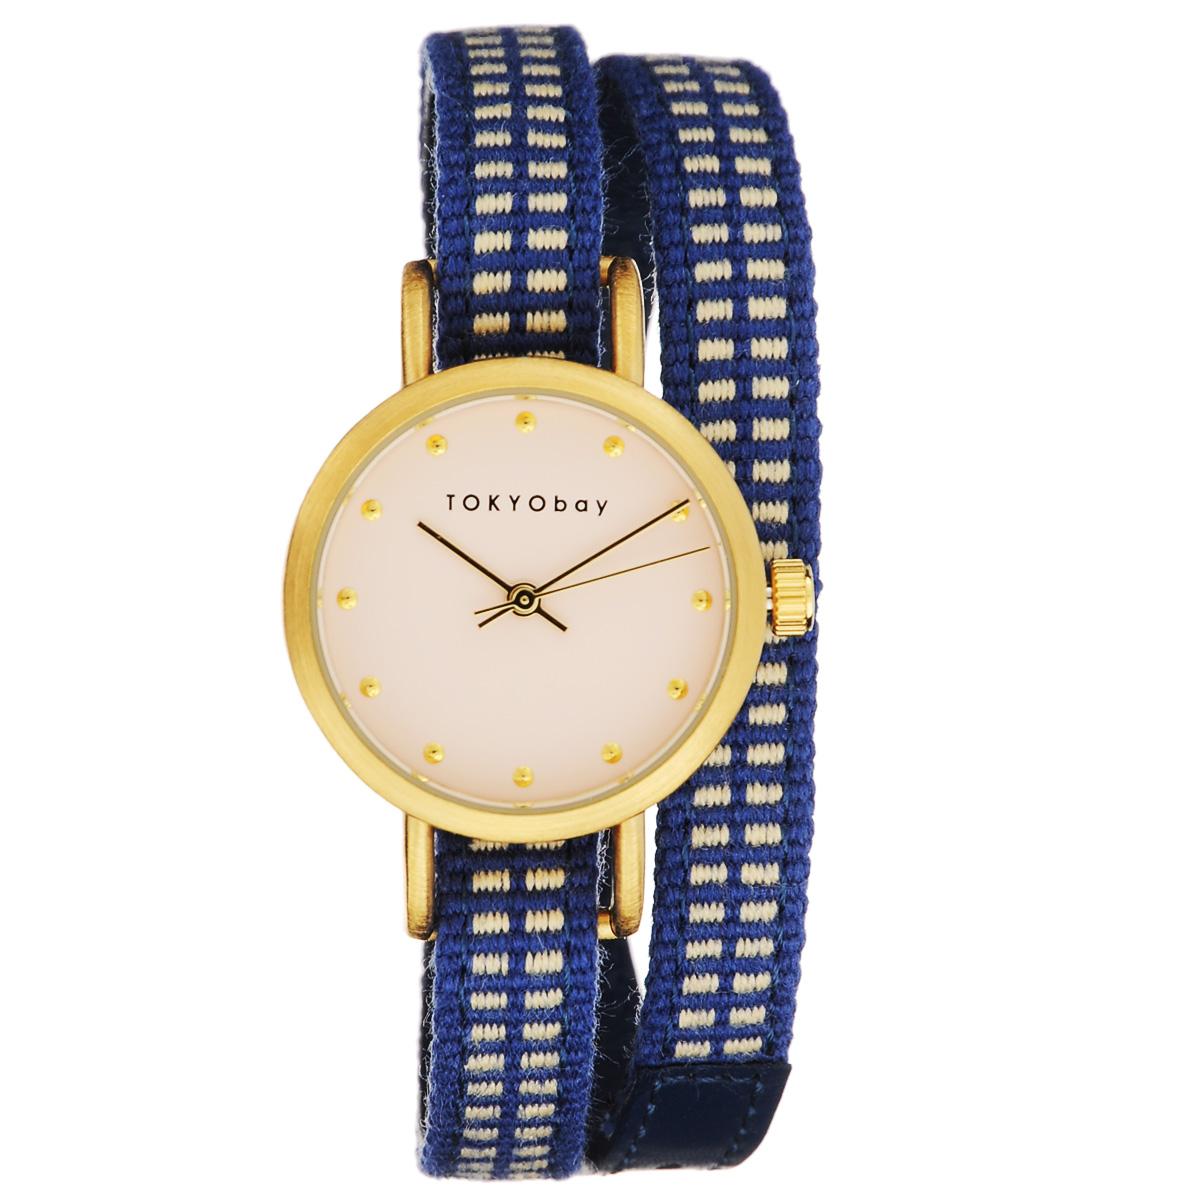 Часы женские наручные Tokyobay Obi, цвет: синий. T233-BLT233-BLНаручные часы Tokyobay Obi - это стильное дополнение к вашему неповторимому образу. Эти часы созданы для современных девушек, ценящих стиль, качество и практичность. Часы оснащены японским кварцевым механизмом Miyota. Корпус круглой формы выполнен из сплава металлов, не содержащего никель. Задняя крышка изготовлена из нержавеющей стали. Циферблат оформлен металлическими отметками, имеет три стрелки - часовую, минутную и секундную. Циферблат защищен ударопрочным оптическим пластиком. Ремешок выполнен из натуральной кожи и плотного текстиля, застегивается на классическую застежку. Часы Tokyobay - это практичный и модный аксессуар, который подчеркнет ваш безупречный вкус. Характеристики: Корпус: 2,2 х 2,2 х 0,7 см. Размер ремешка: 37 х 0,8 см. Не содержит никель. Не водостойкие.